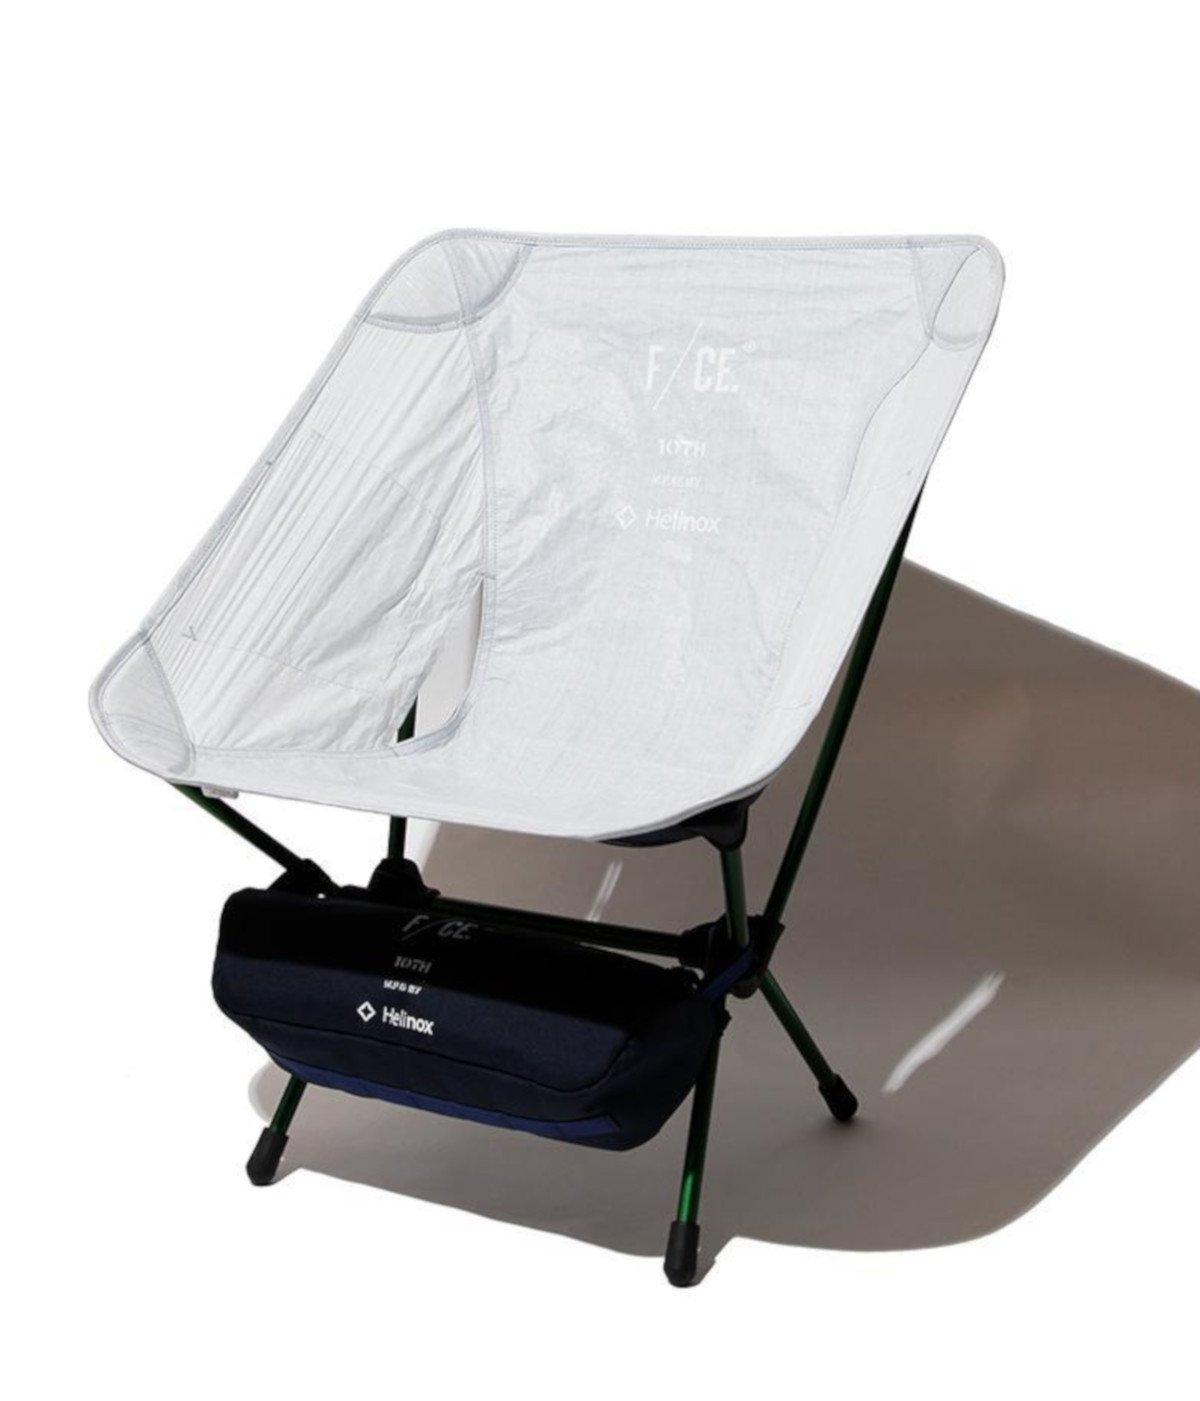 【予約】10TH Helinox Tactical Chair Dyneema